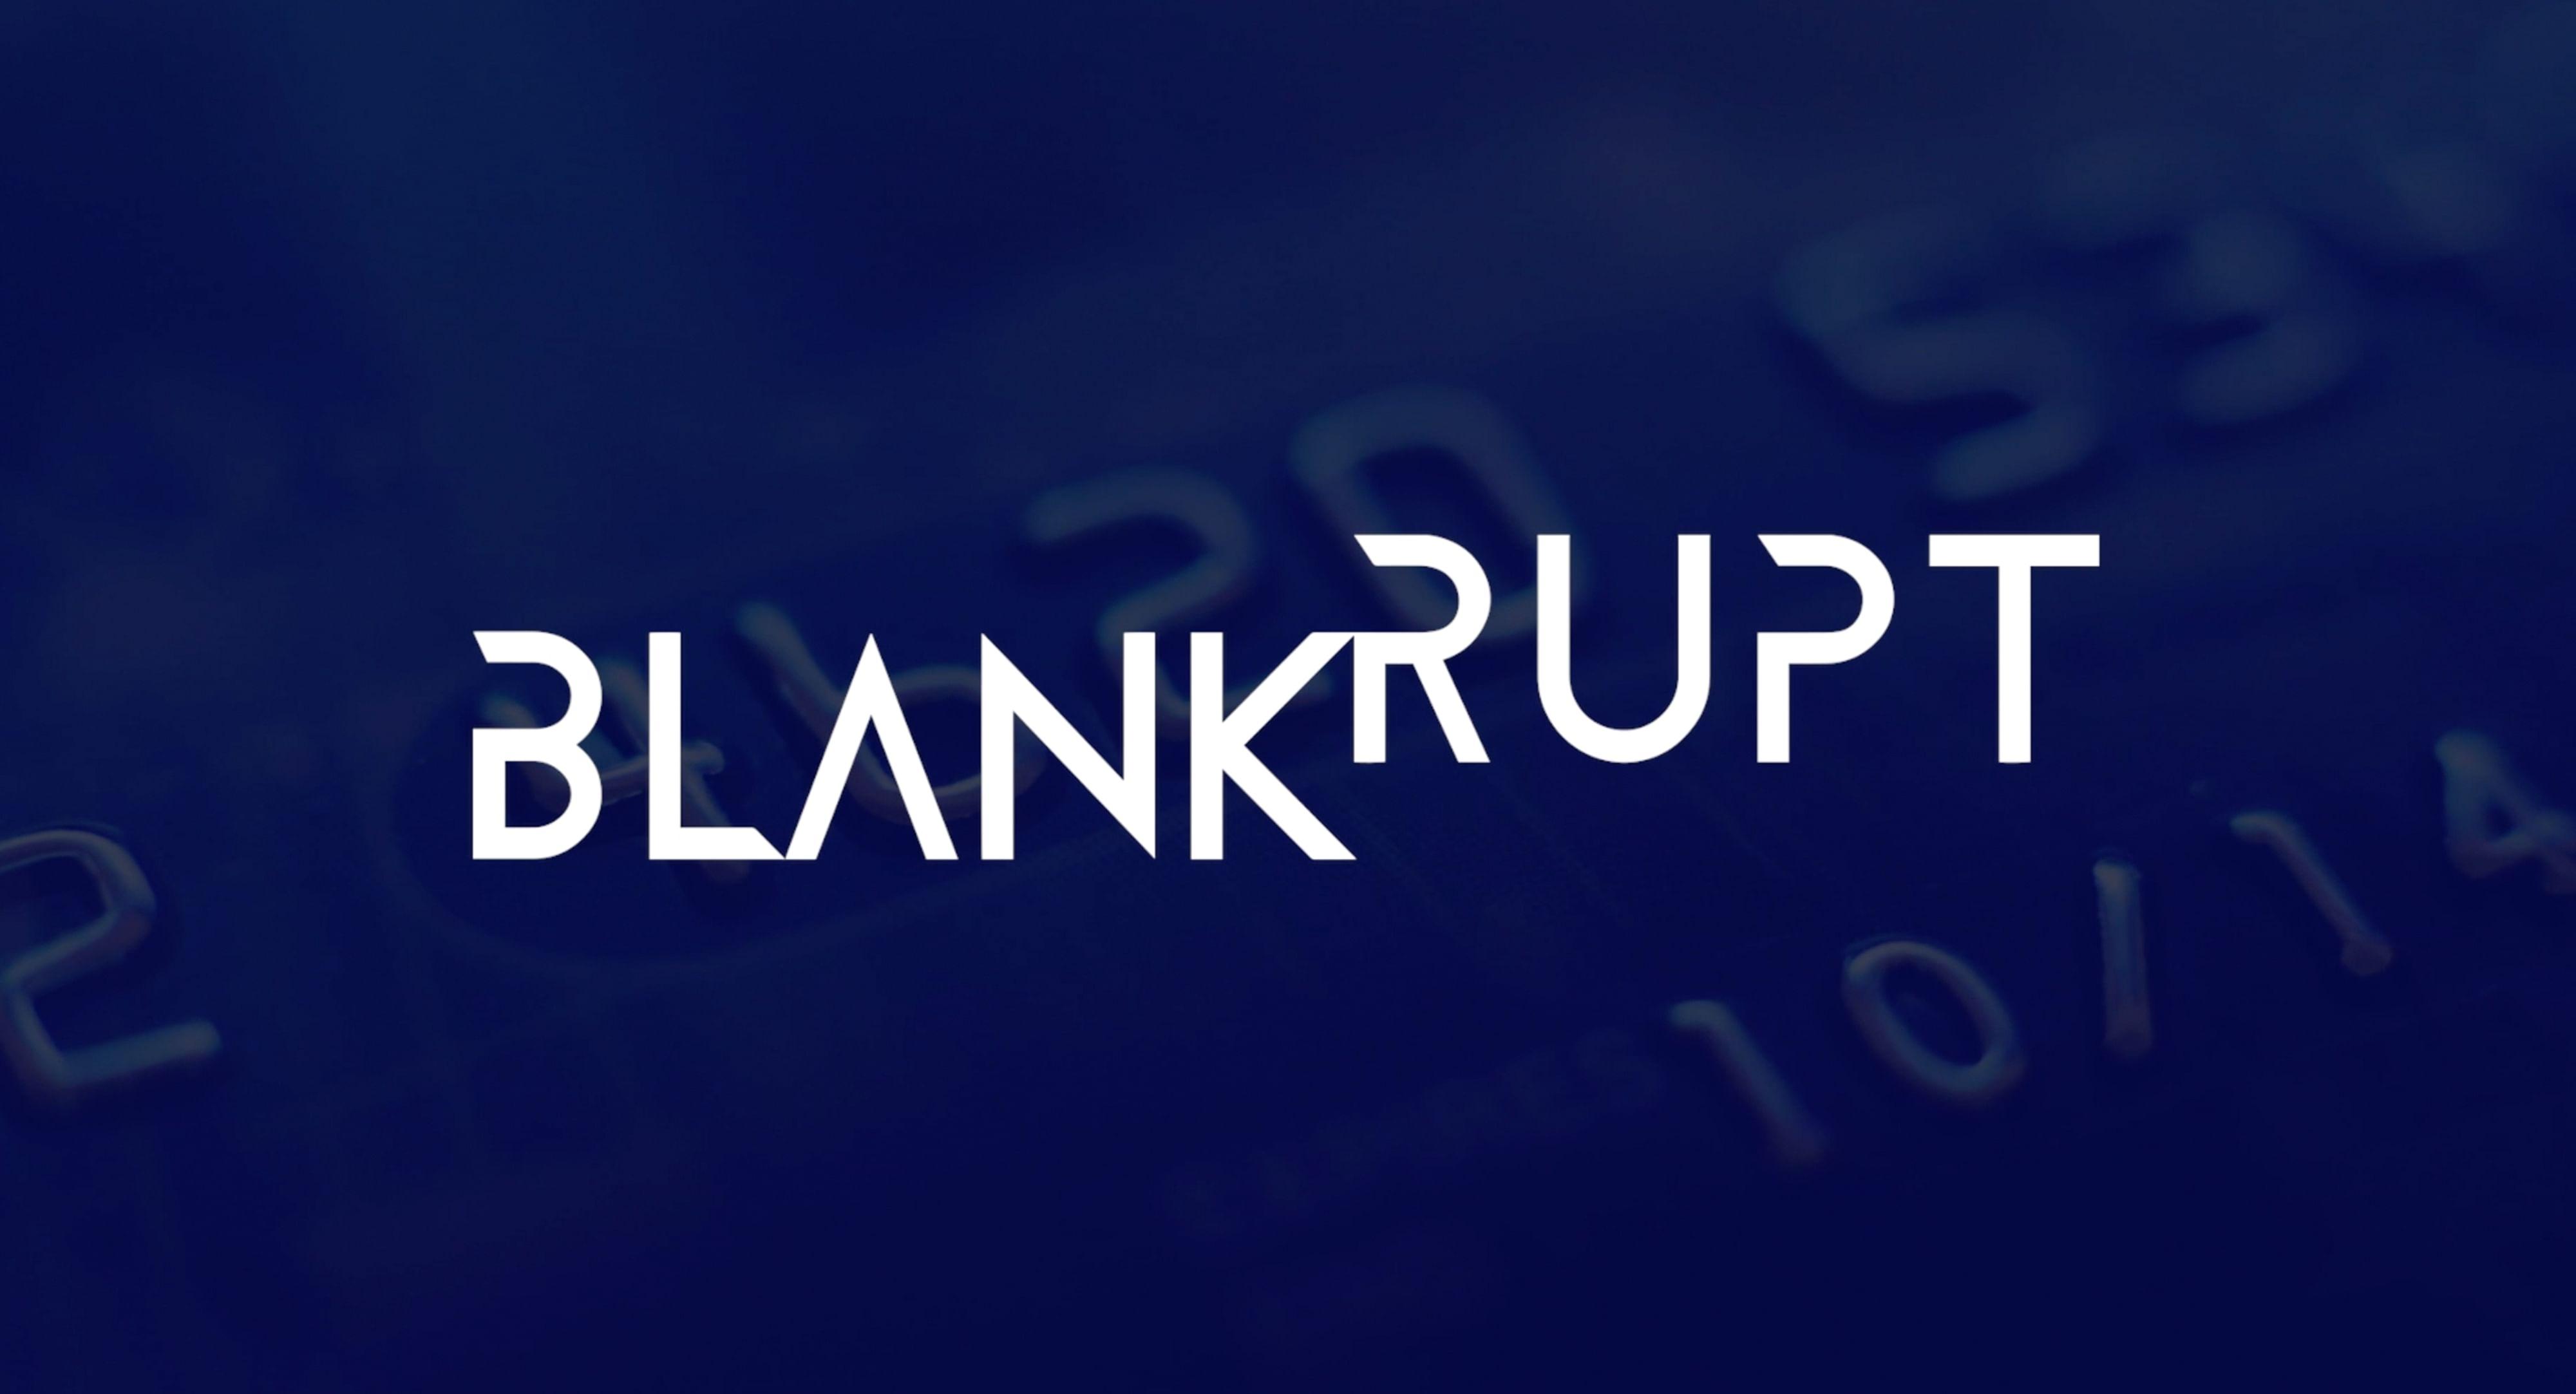 Blankrupt